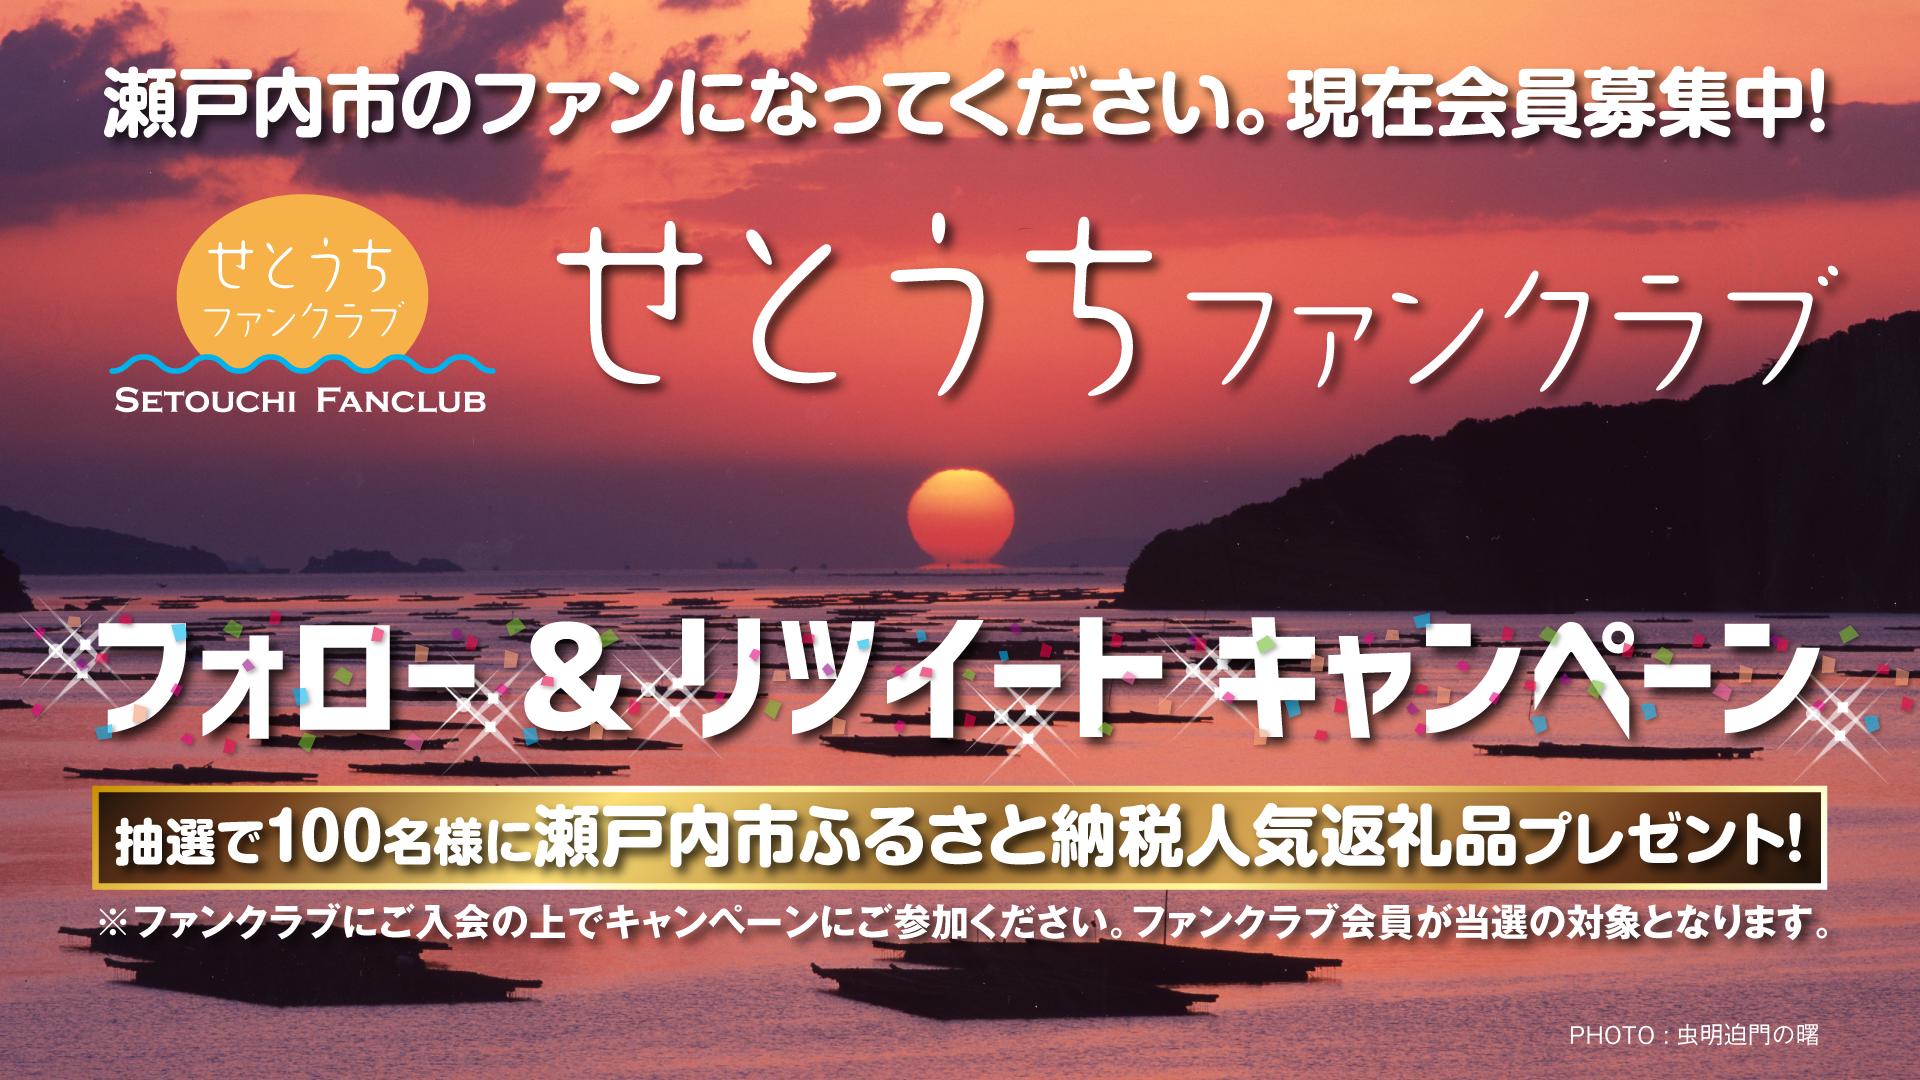 せとうちファンクラブ フォロー&リツイートキャンペーン